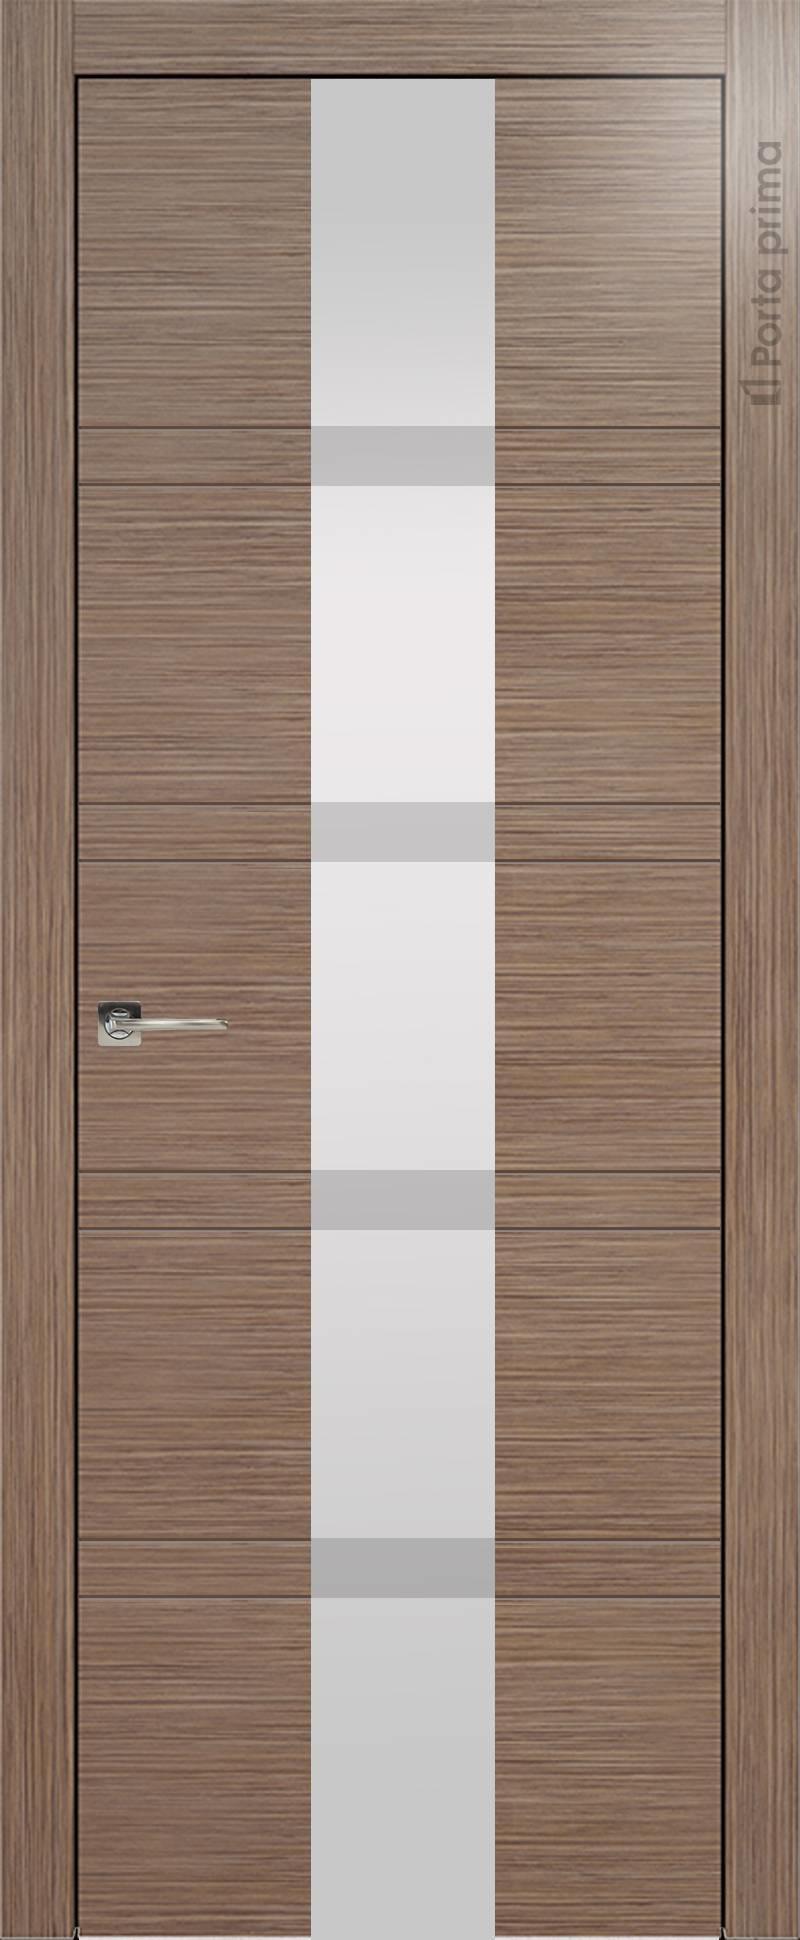 Tivoli Ж-4 цвет - Орех Со стеклом (ДО)